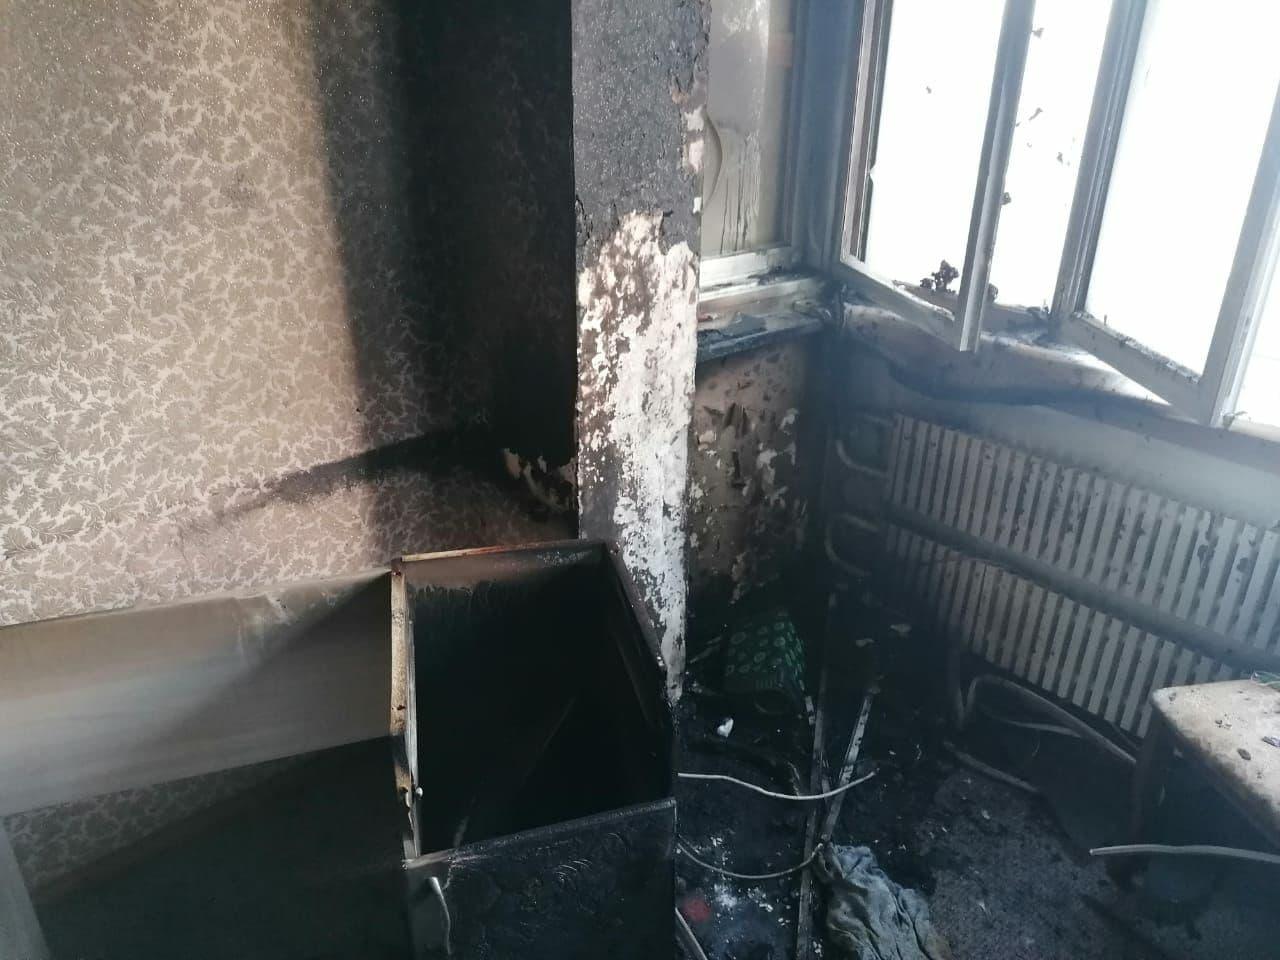 квартира В Астрахани в горящей квартире пострадал 35-летний мужчина